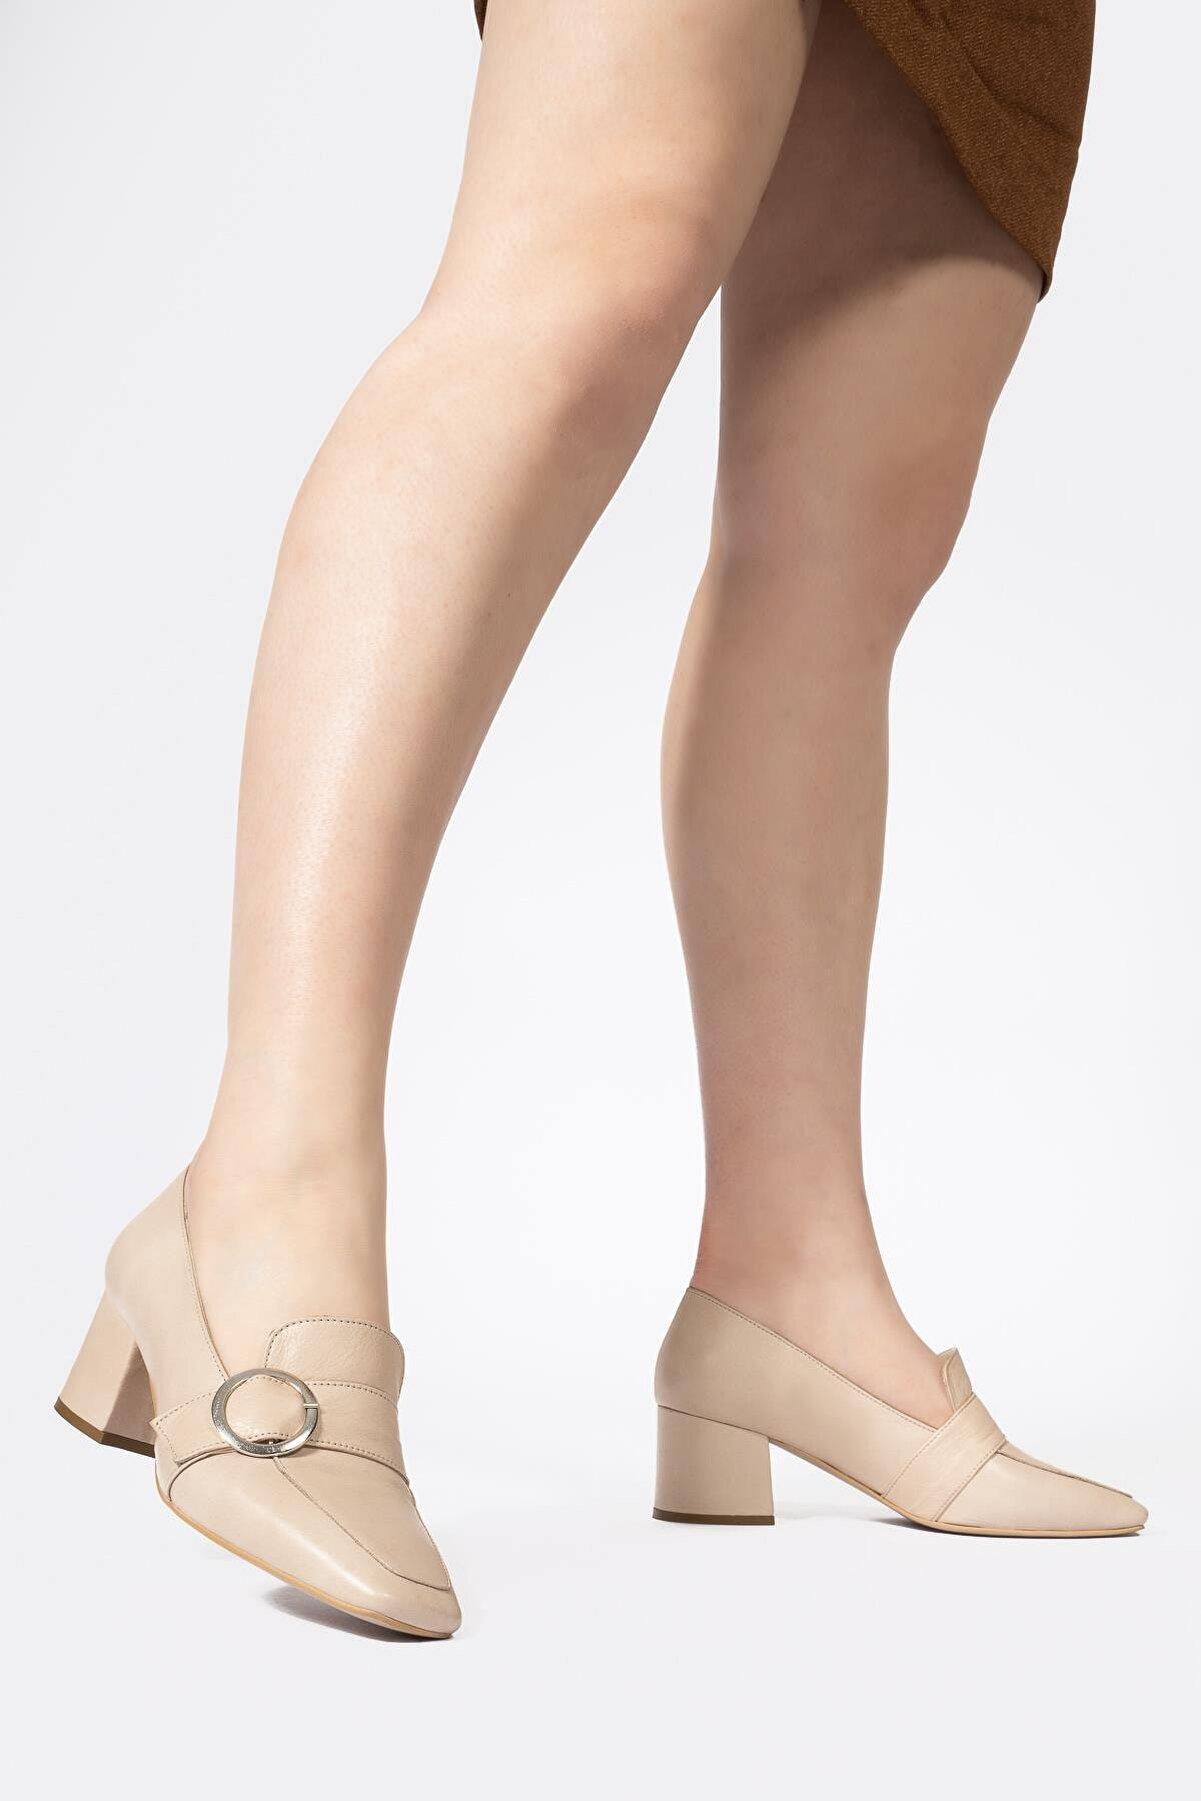 CZ London Kadın Kalın Topuklu Ayakkabı